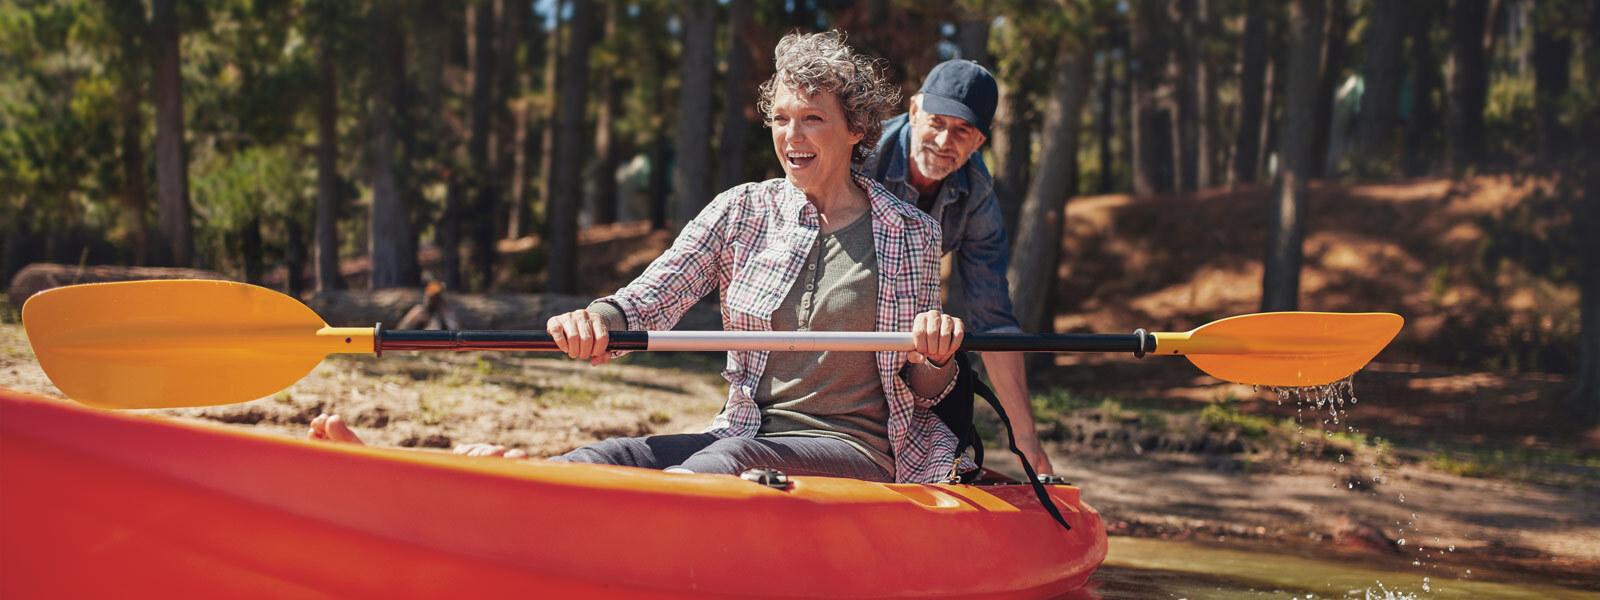 Image of couple enjoying kayaking on lake